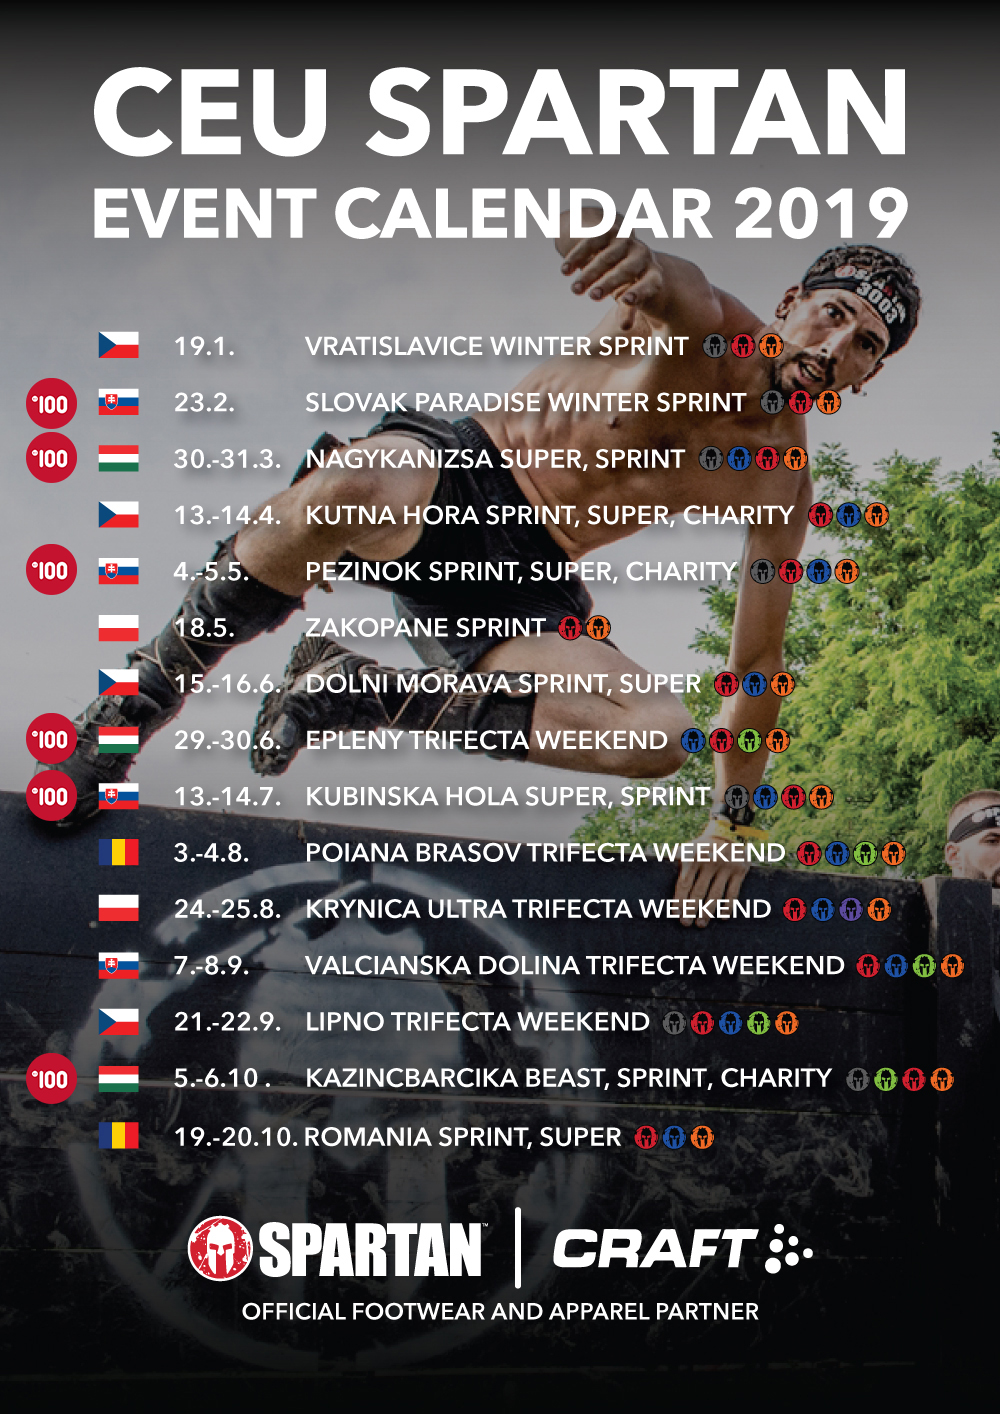 pluszminusz_calendar.jpg